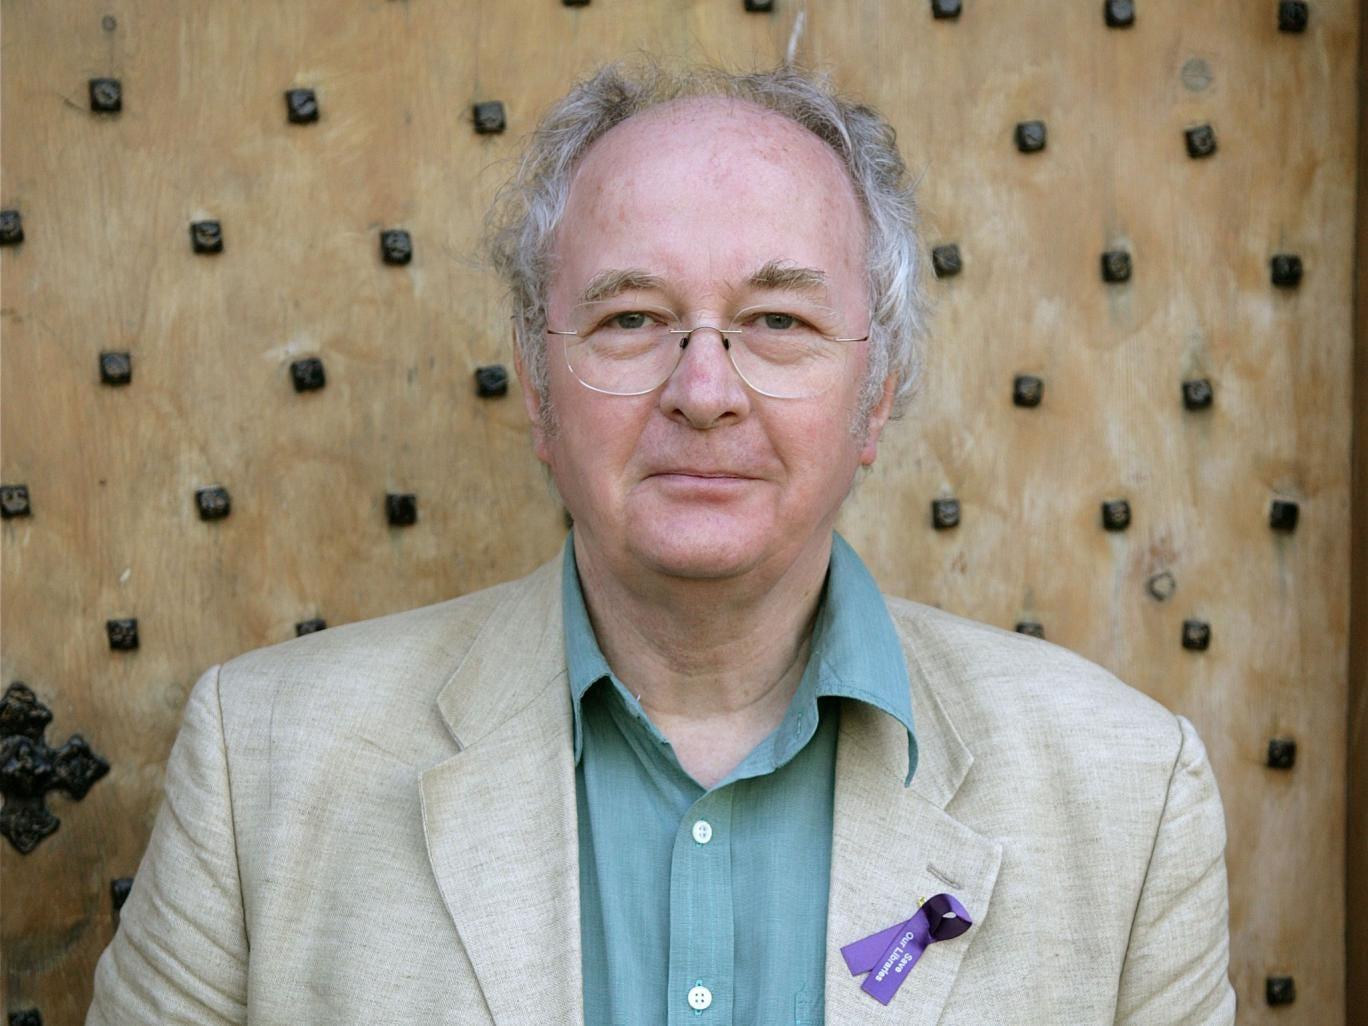 Philip Pullman, author